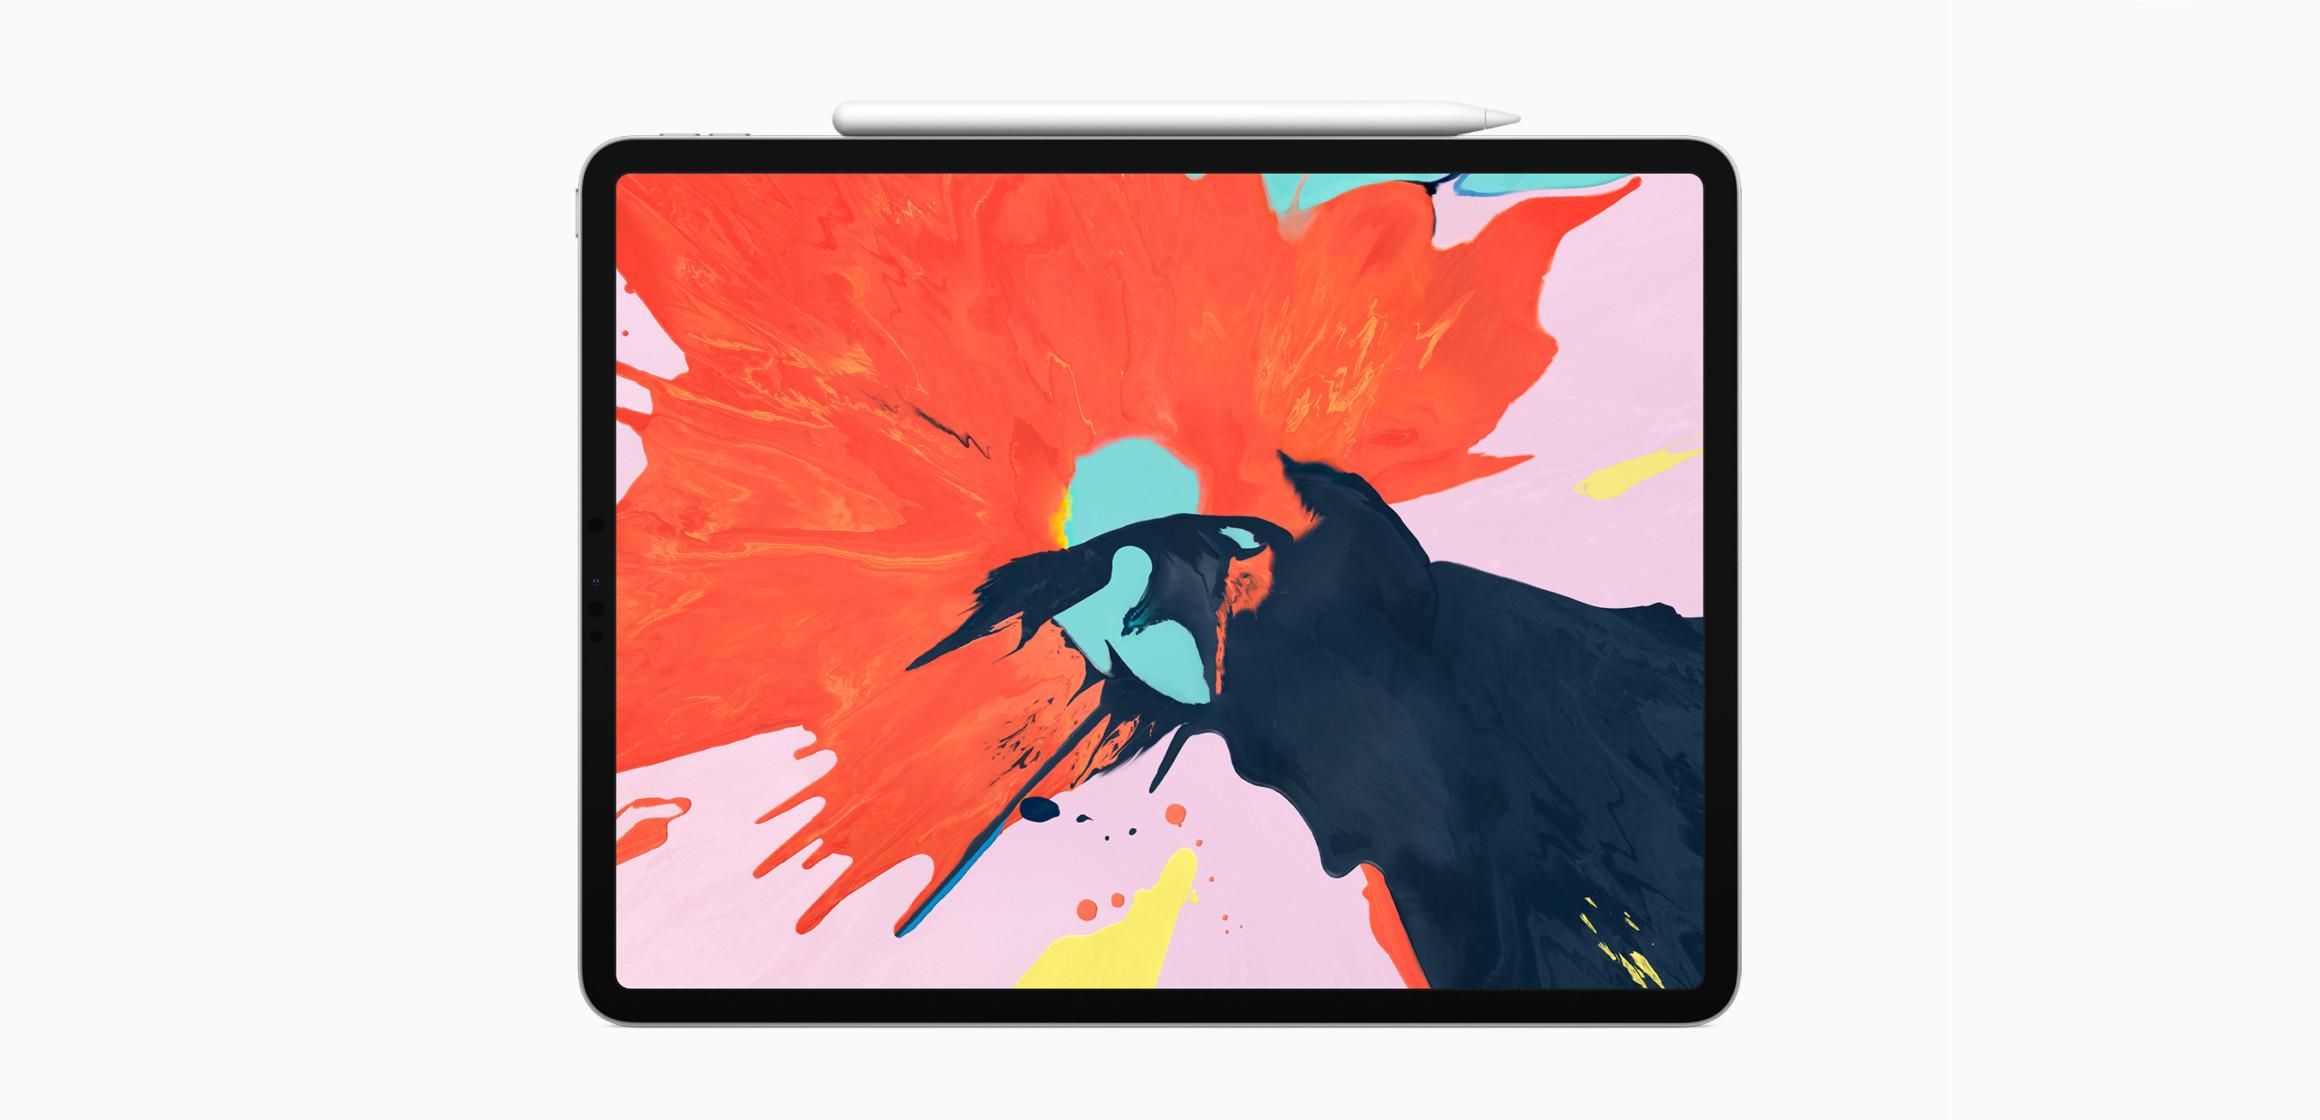 Nový iPad Pro s tenkým rámečkem a s Face ID